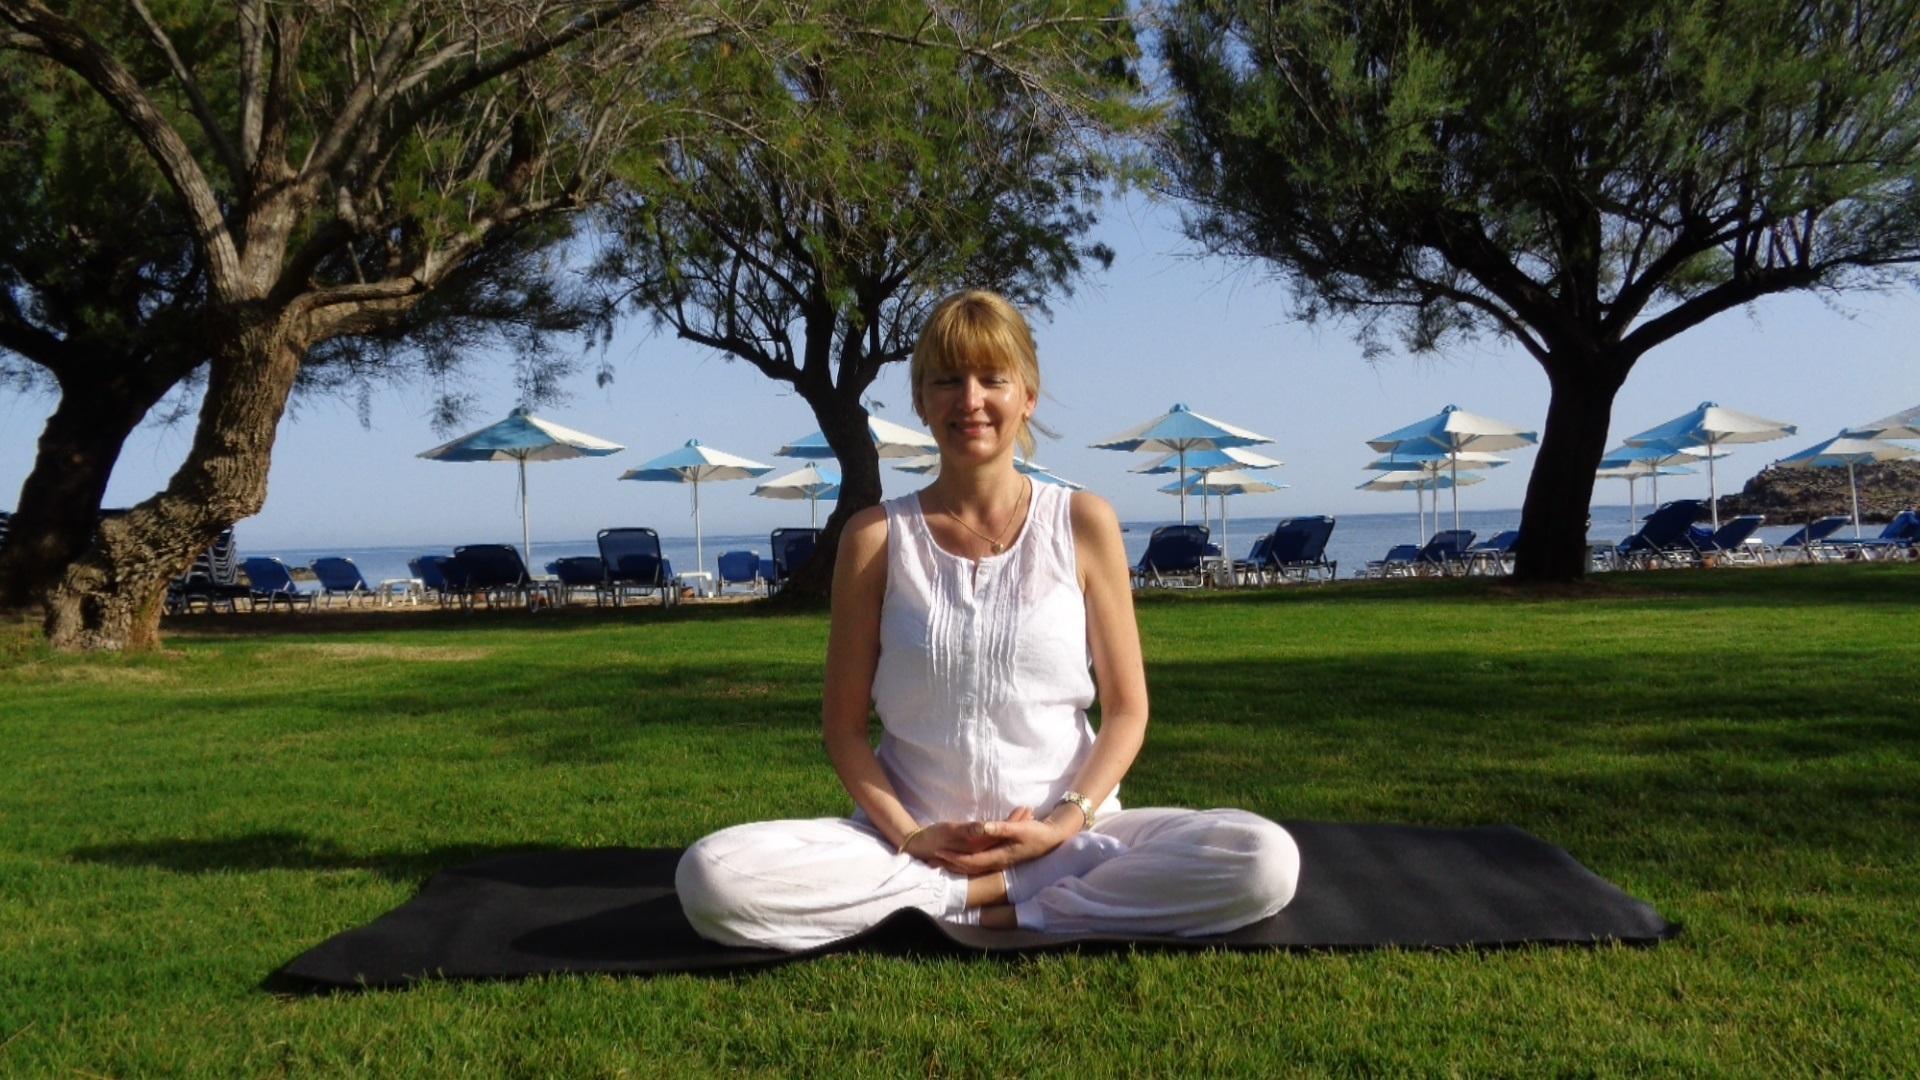 La meditación siempre es buena para nuestra salud física y mental. Foto: Kerstin Leppert